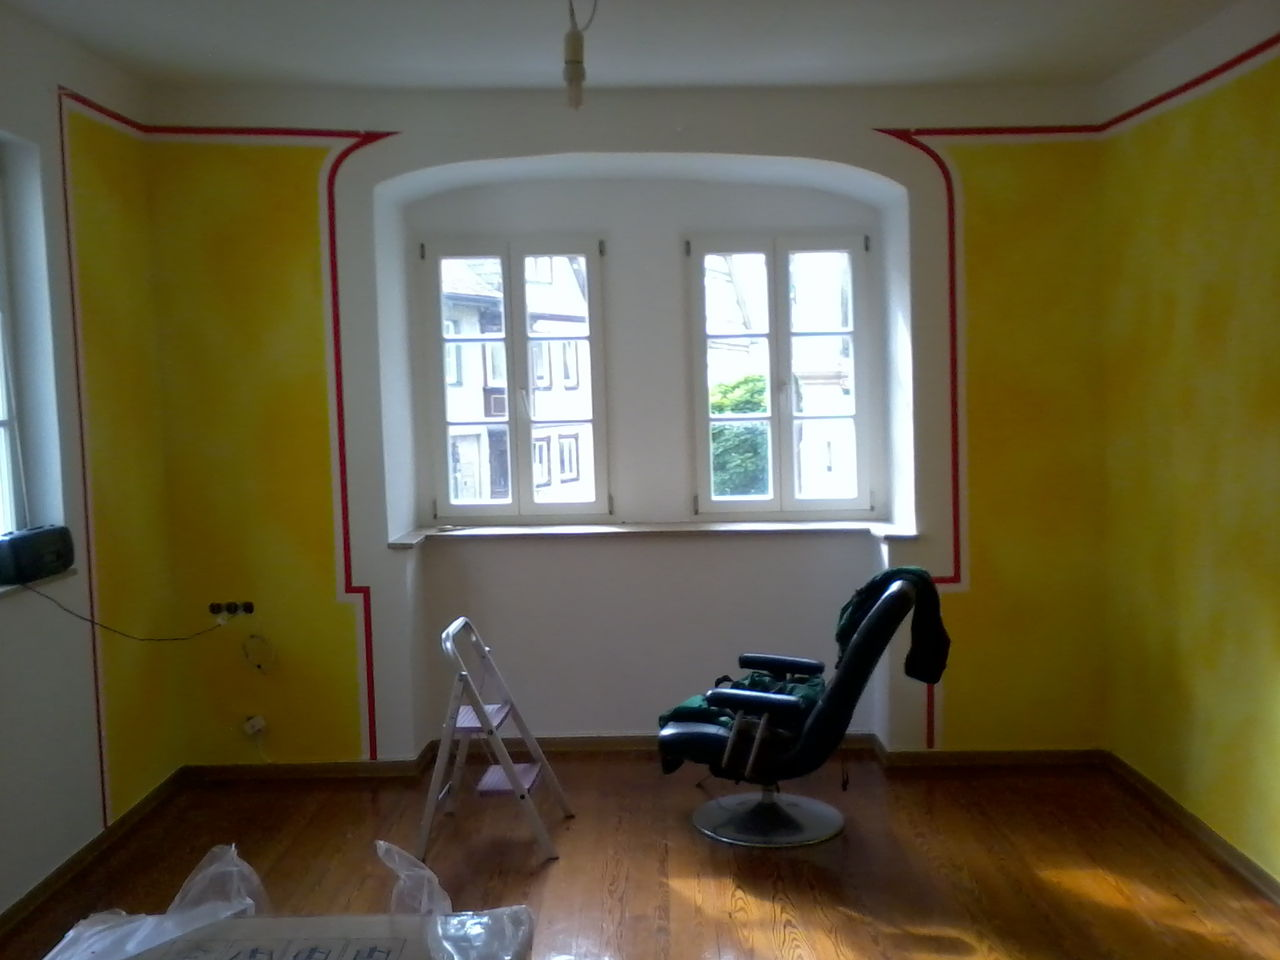 Neues wohnzimmer 1 gestaltung lasurtechnik volltonfarbe wandgestaltung von leonard hoffmann - Neues wohnzimmer ...